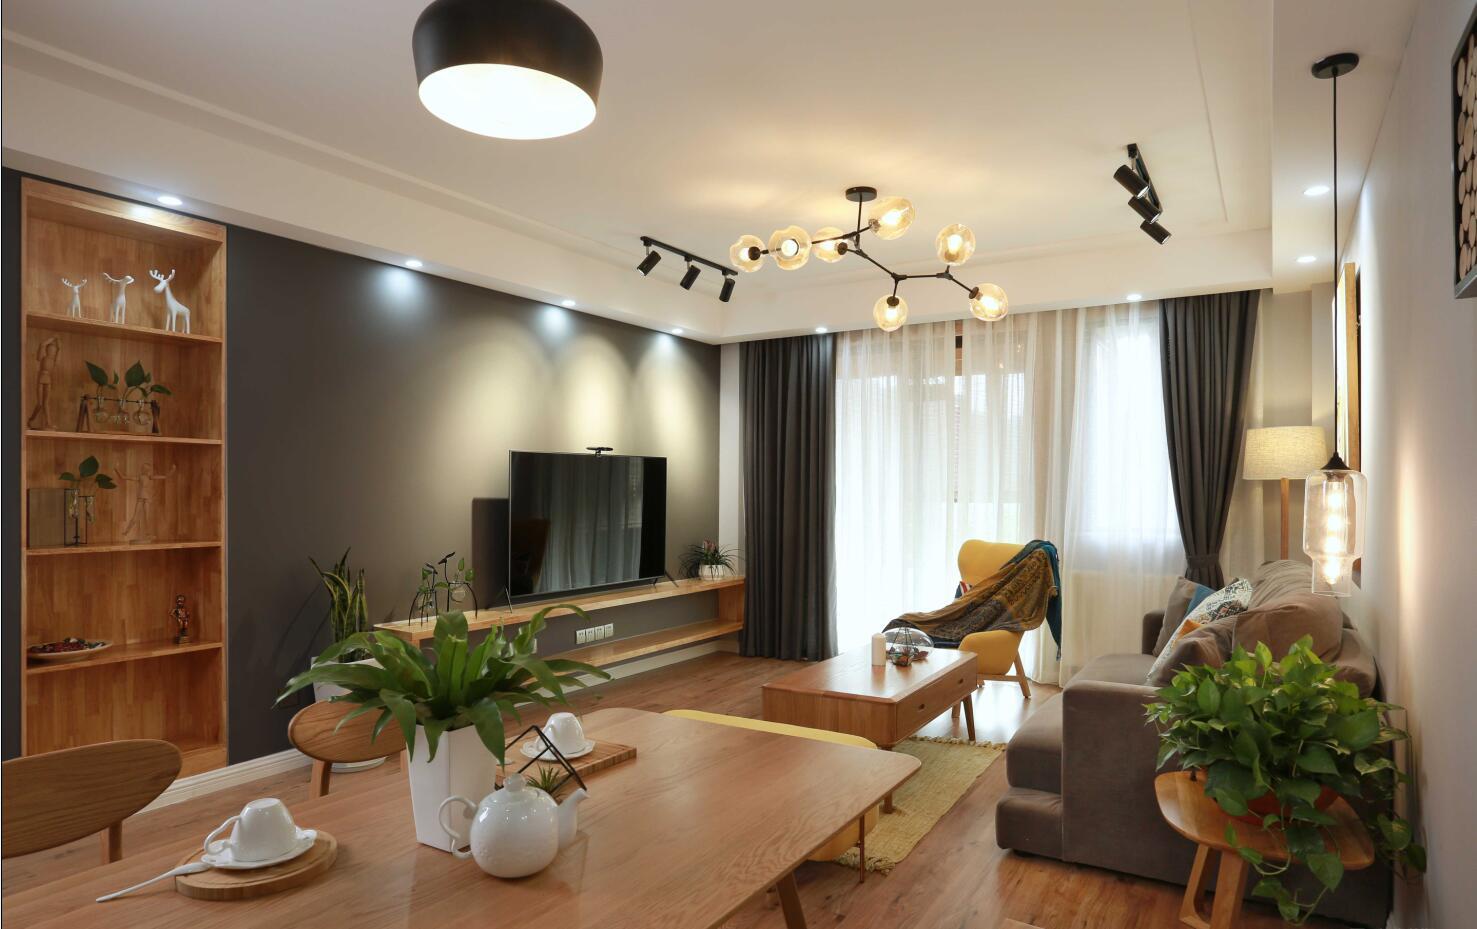 装修设计—(设计预约:182-9186-6197)业主是一对小夫妻,舒适安静的生活是他们所向往的,设计师根据业主的需求,见面沟通后,最终确定为简约、舒适的北欧风格。小夫妻都喜欢北欧风,喜欢回到家那种轻松的感觉、所以委托设计师将整个空间打造的舒适自然。浅咖与原木,浅咖与暖黄,一切都是暖暖的。树枝形玻璃泡泡球客厅灯,搭配两盏吊灯,加上旁边垂下来的圆桶灯,时尚感爆棚。客厅没有太多的繁琐装饰,最终形成了独具特色的北欧风格。它代表了一种回归自然的时尚美。业主不喜欢繁杂的东西,这也体现在电视墙上。把注重舒适度体验感放在首位,灰咖的电视背景墙加上三盏射灯,一场小确型的短剧也能看出文艺大片的感觉。